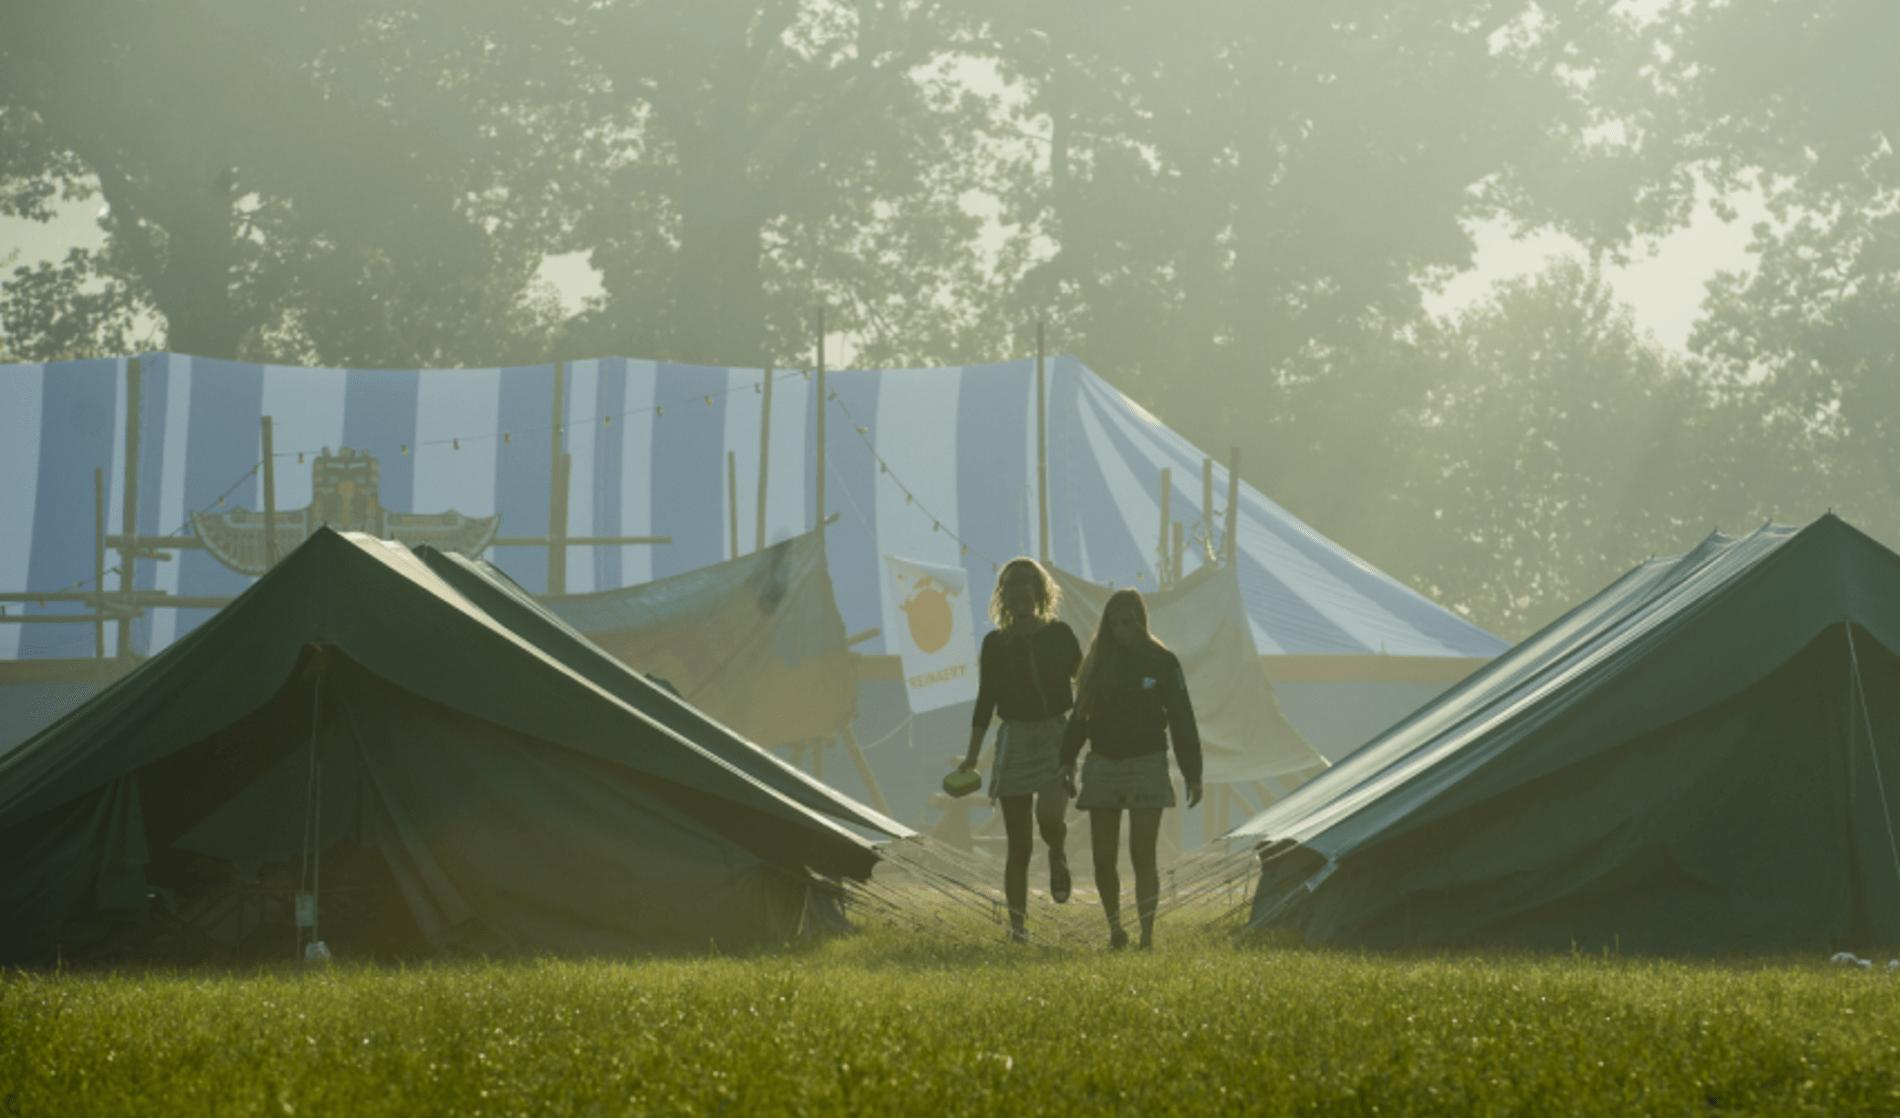 Meisjes Chiro Geertrui op bivak tussen tenten